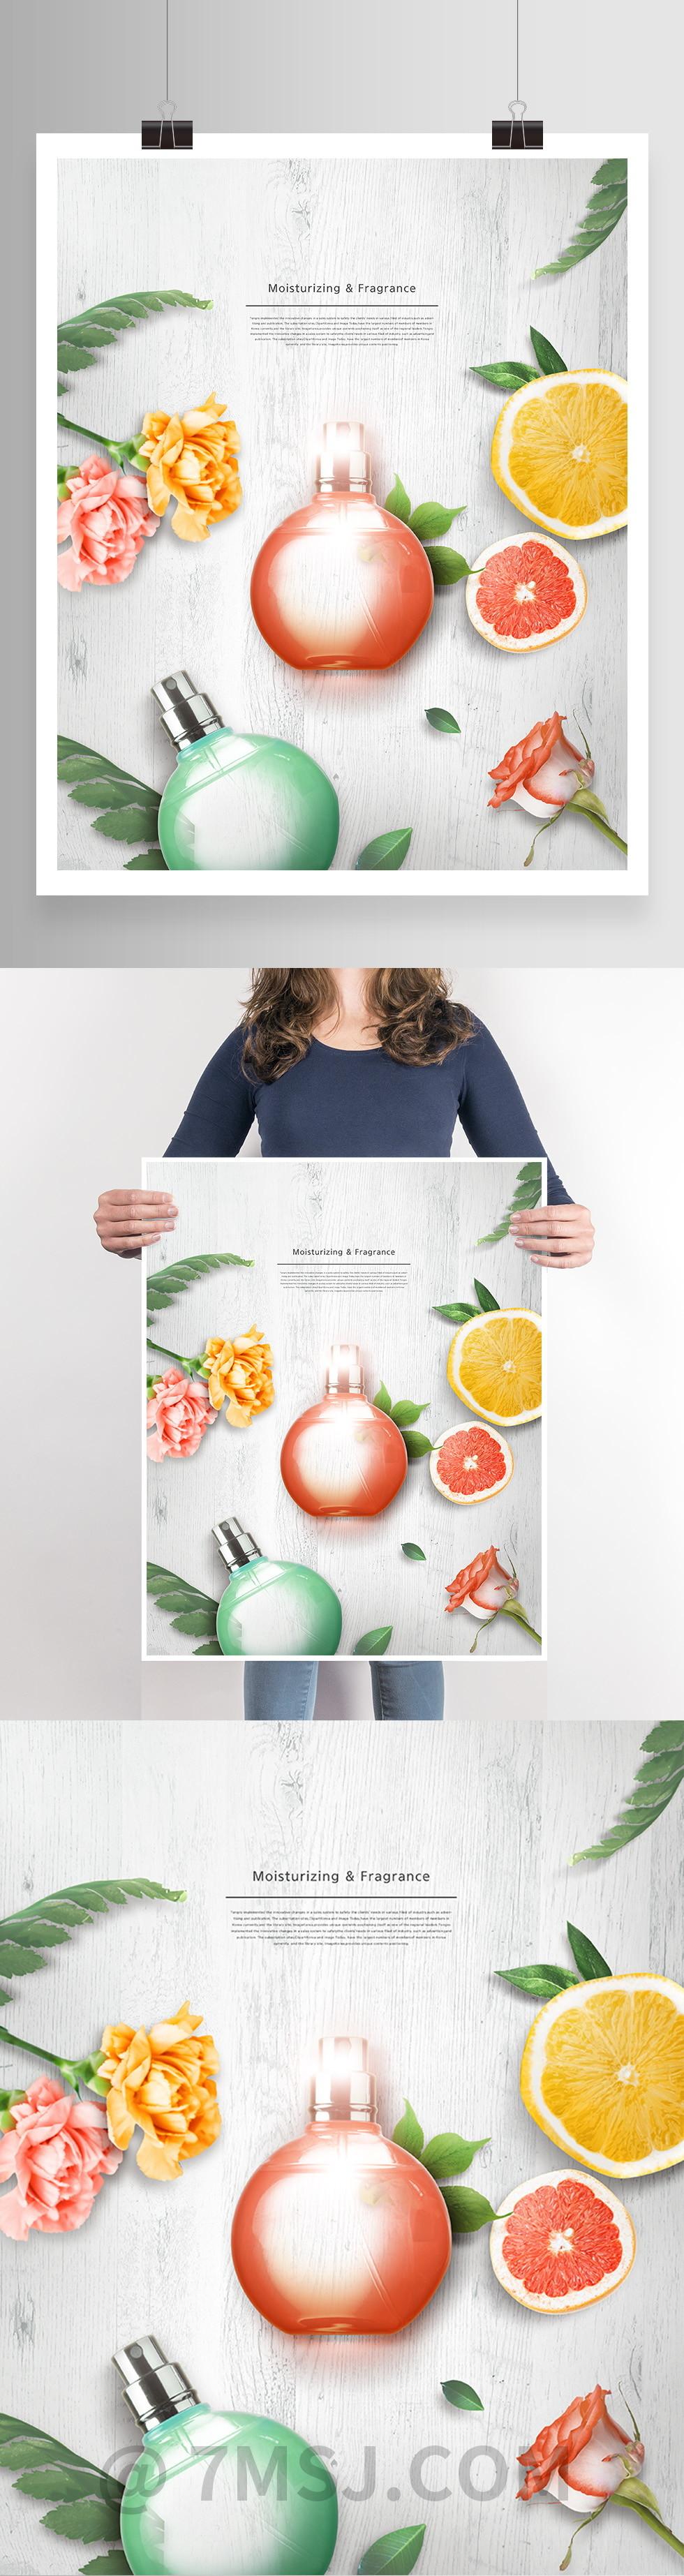 奢侈香水化妆品海报设计